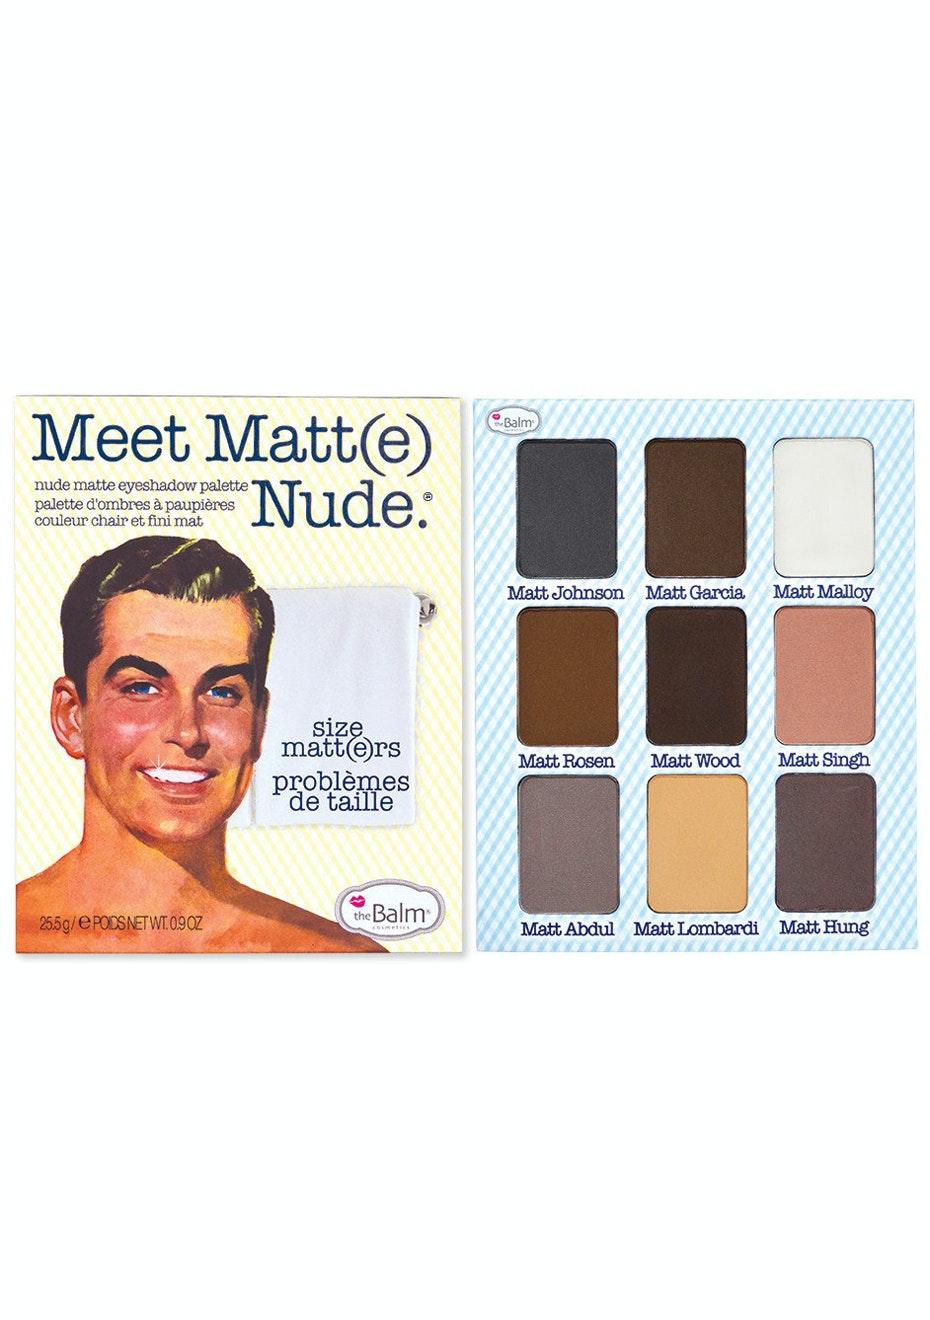 theBalm Meet Matt-e Nude Eyeshadow Palette